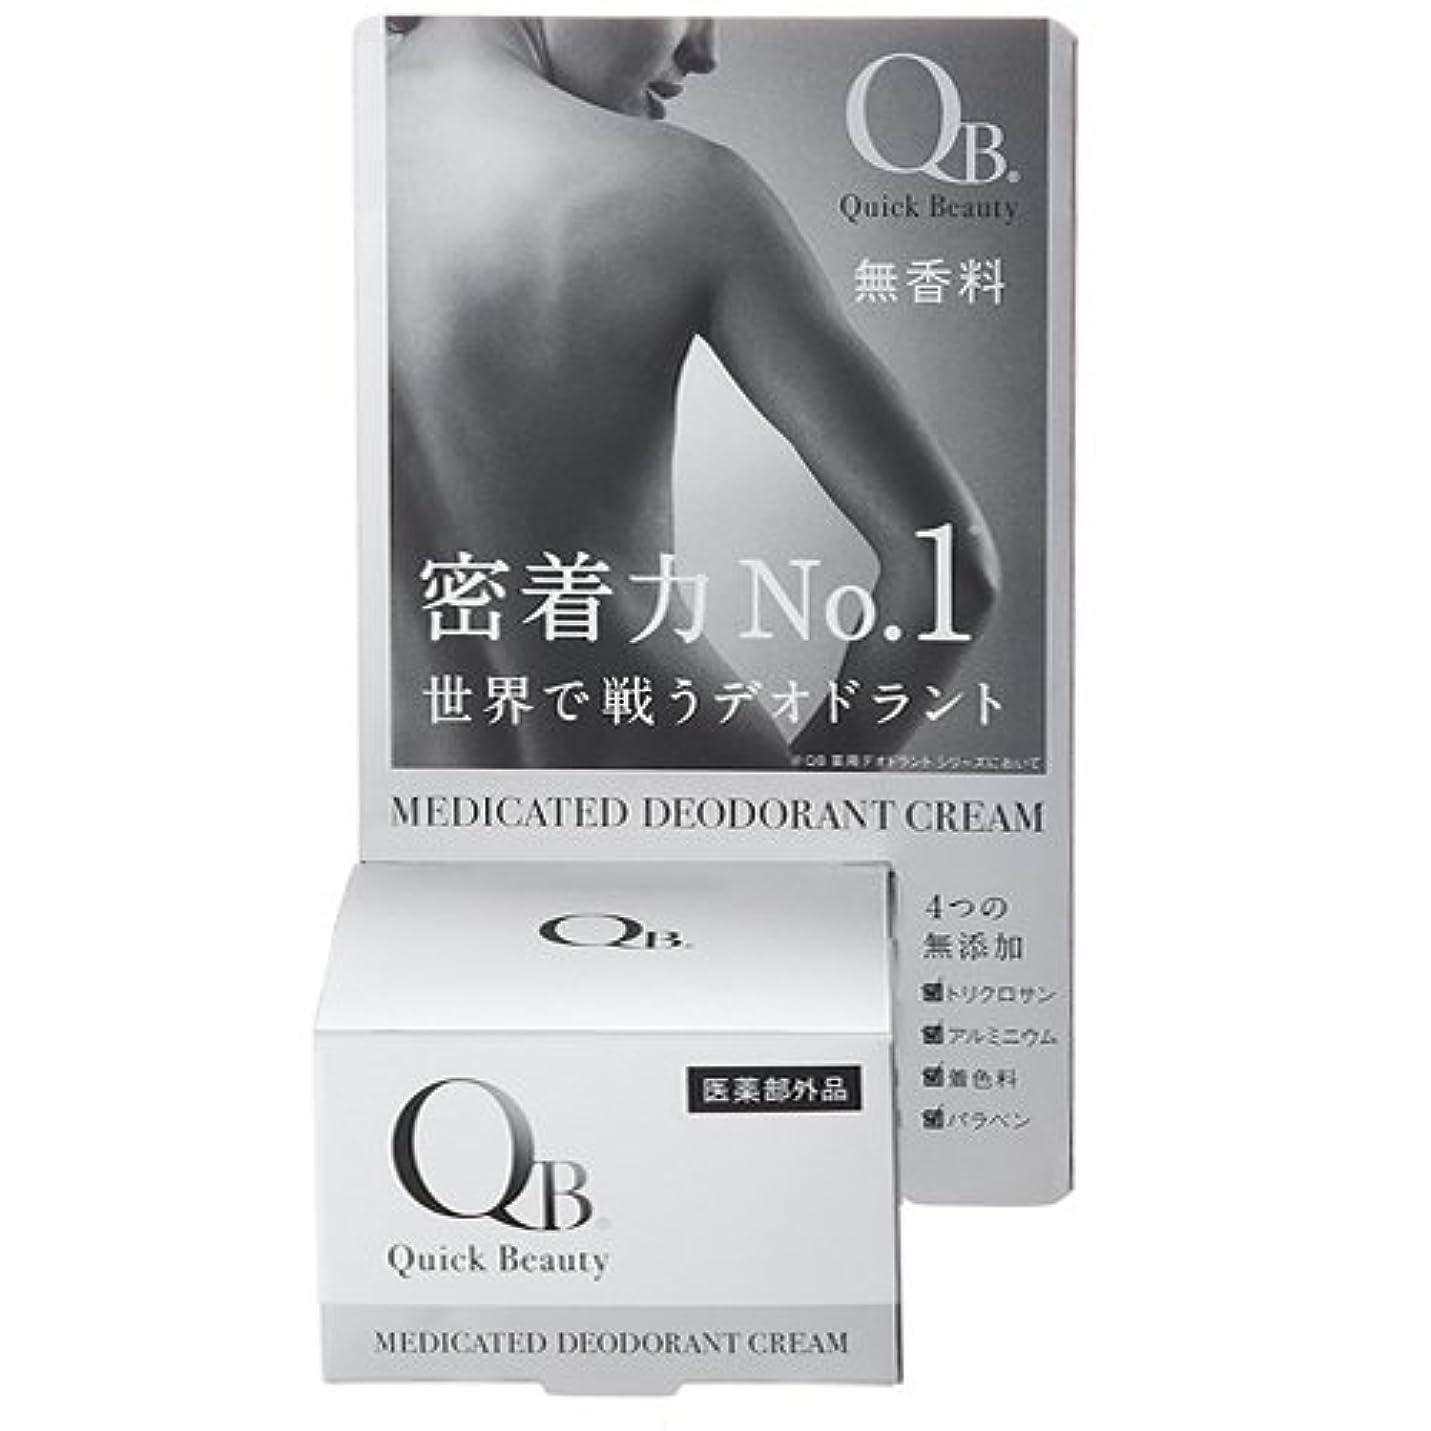 測るエンティティ分岐する3個セット まとめ買い QB 薬用デオドラントクリーム W 30g 医薬部外品